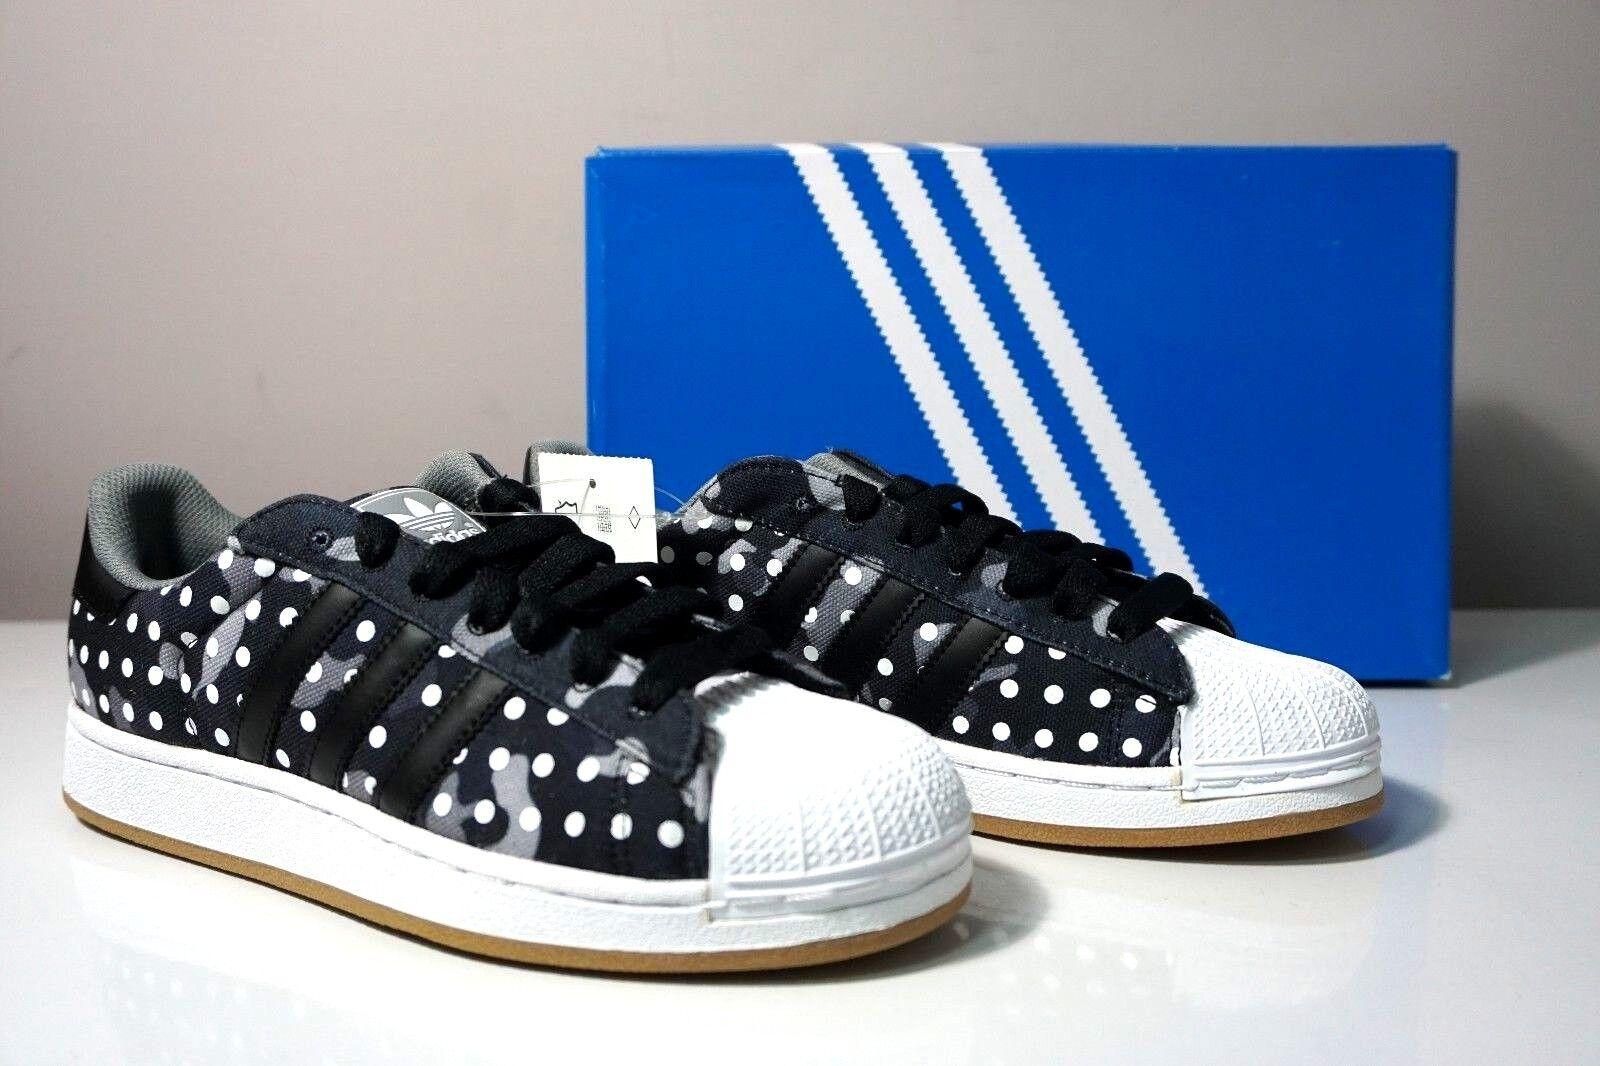 Soldes En France LT81810 Hommes Adidas Chaussures Superstar